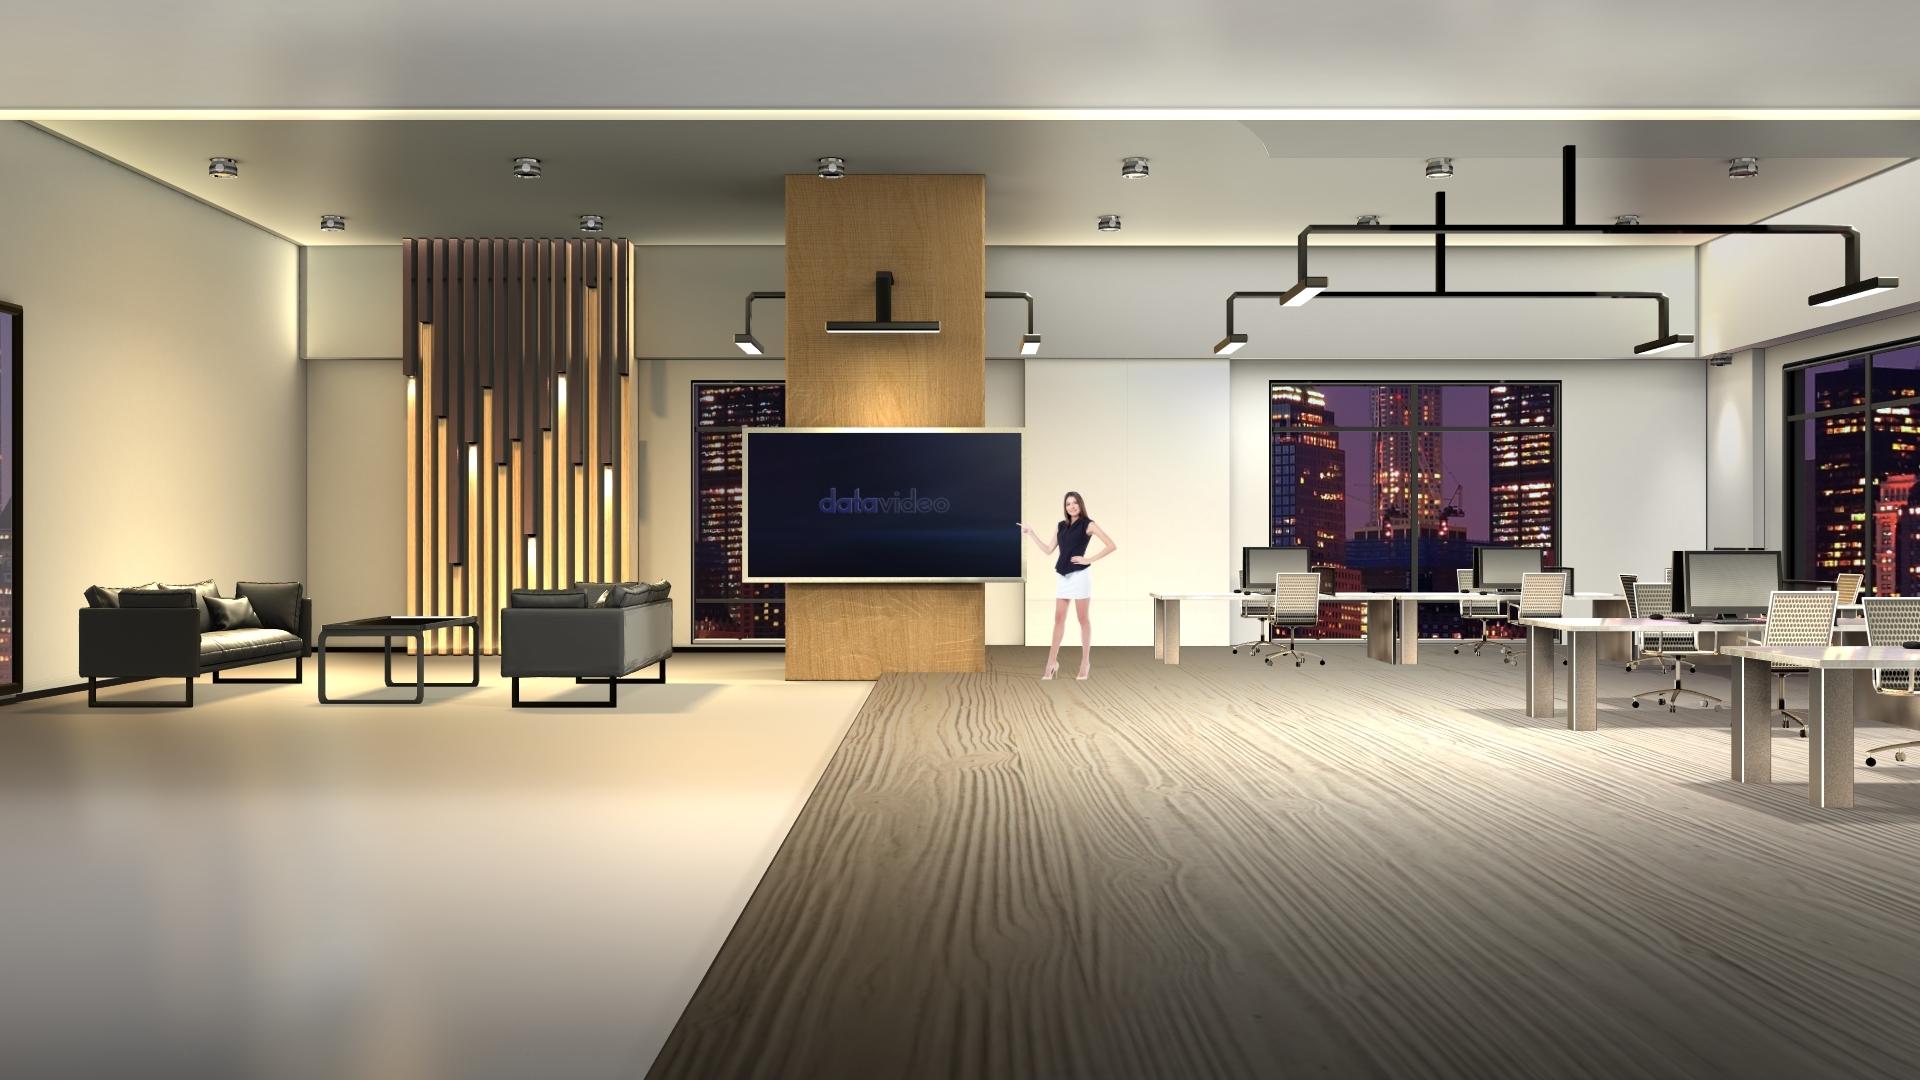 【TVS-2000A】夜晚风格企业会议空间